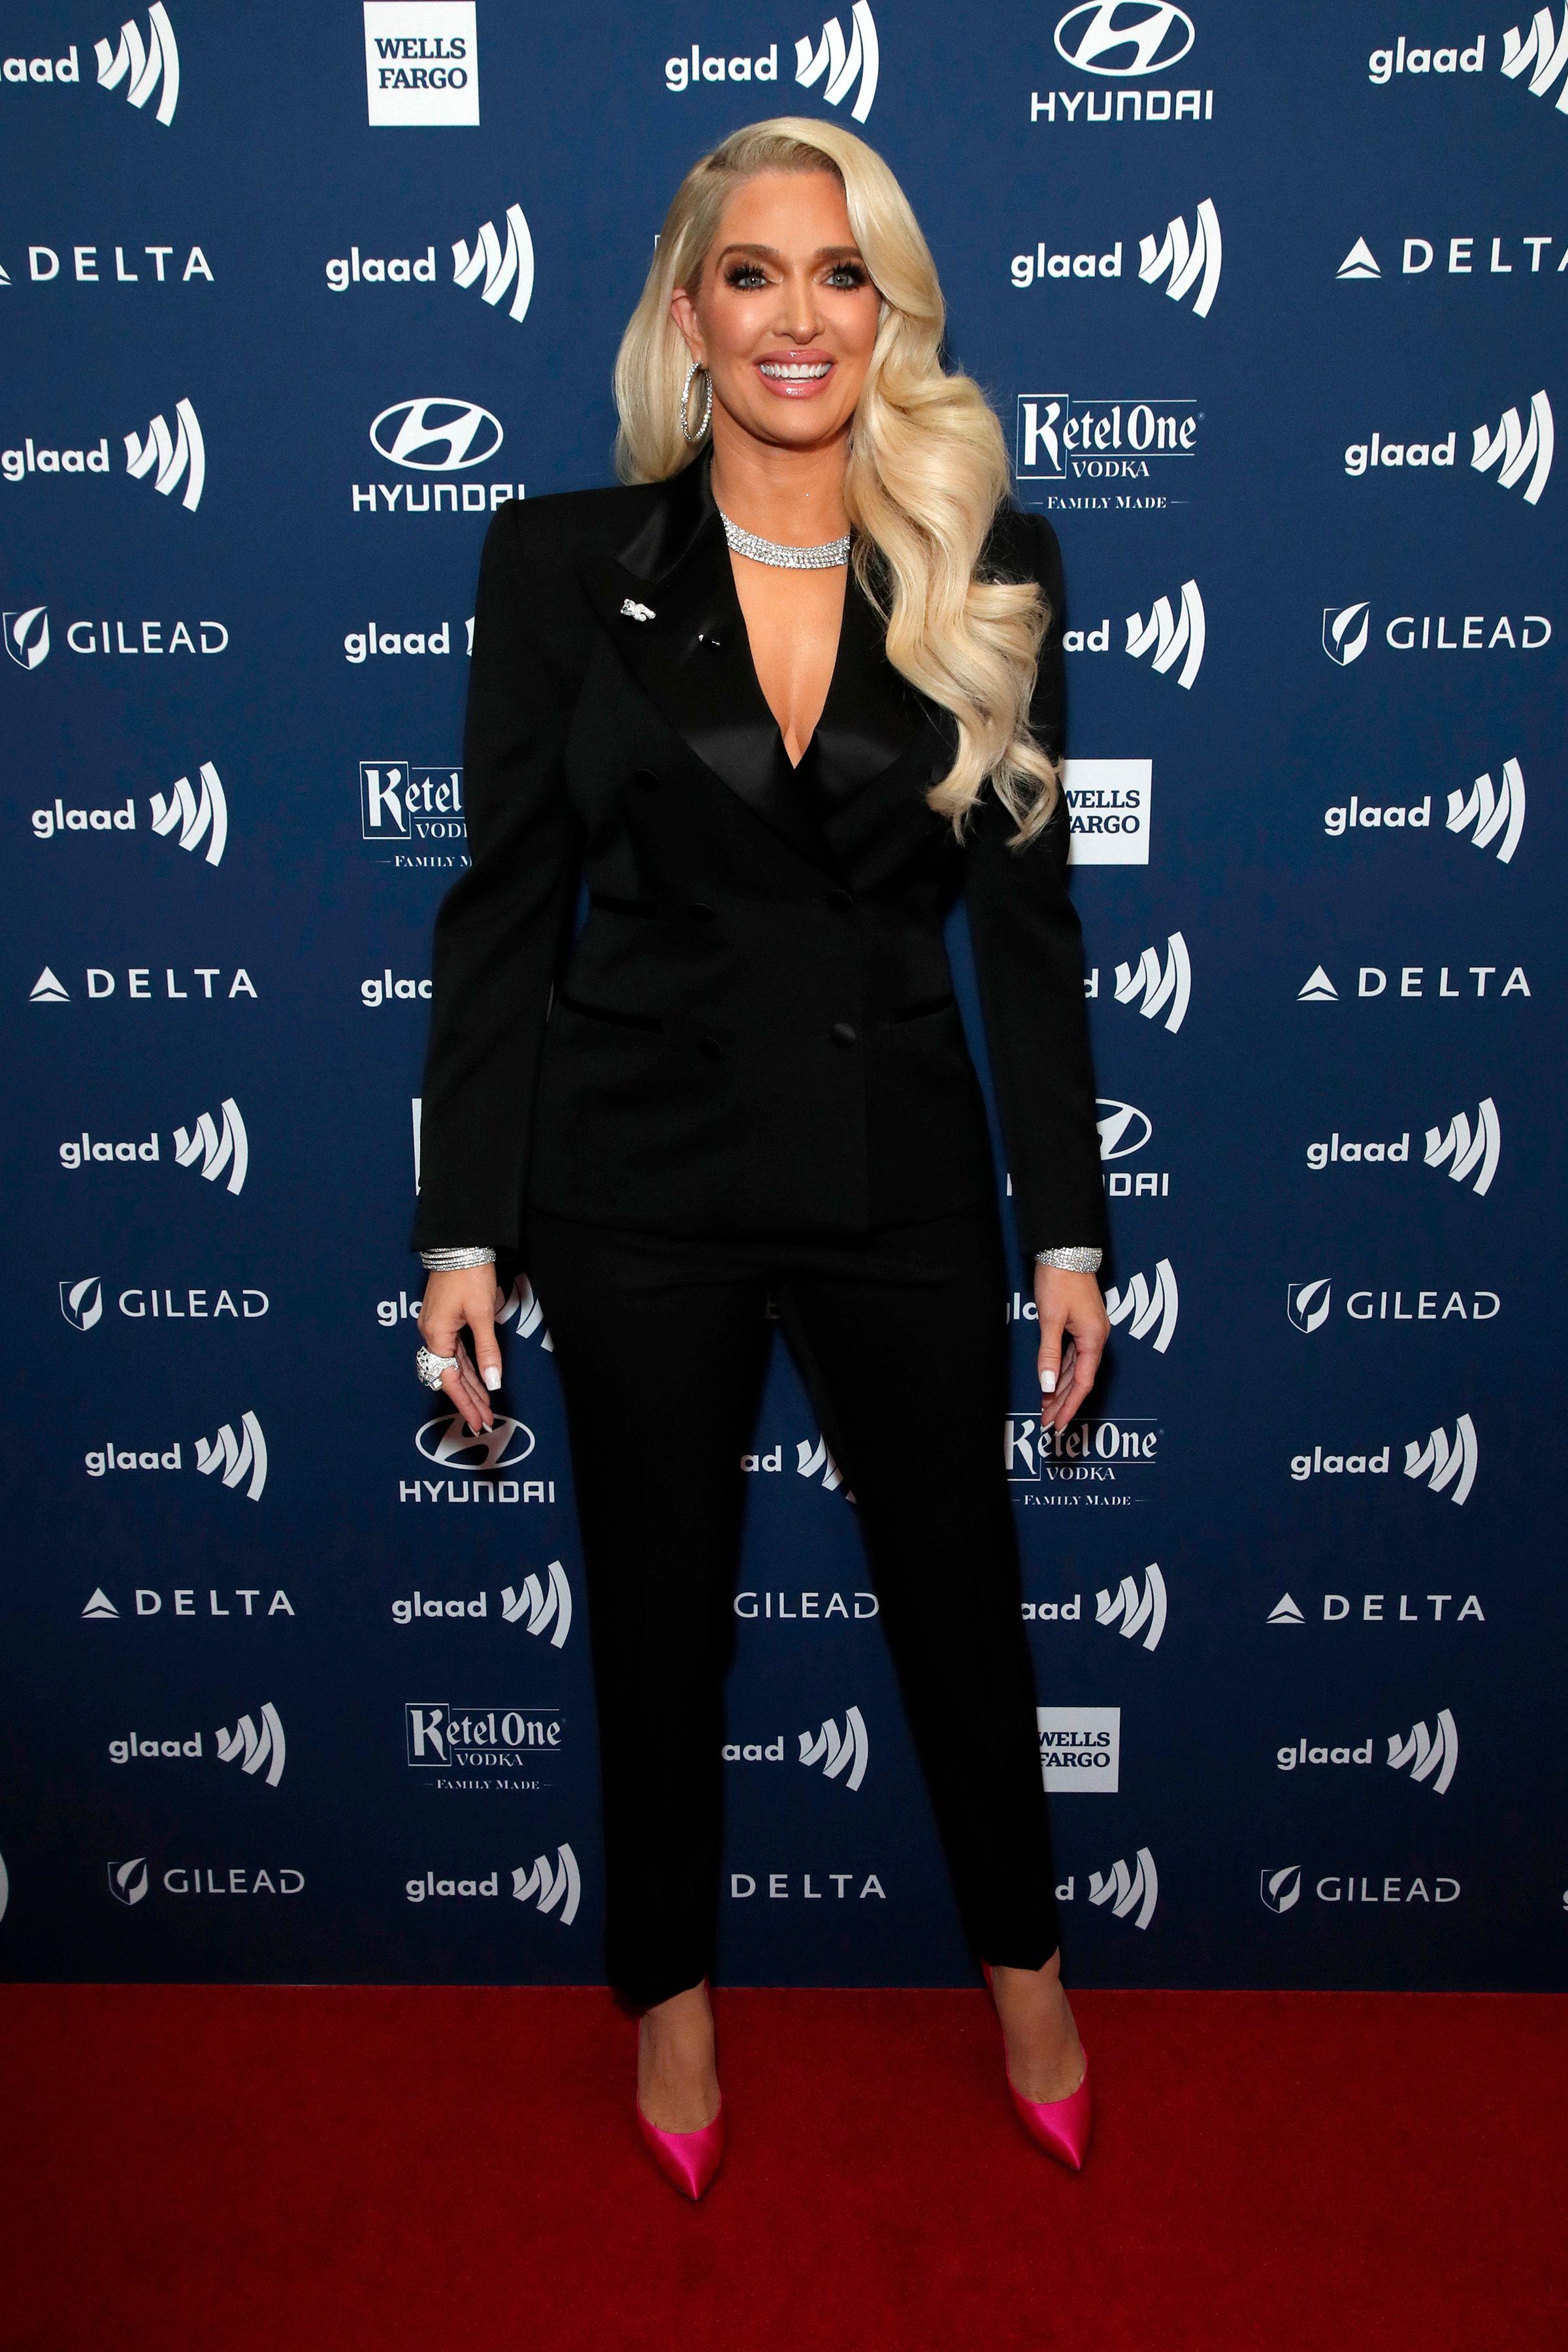 Erika Jayne wears a black pantsuit.